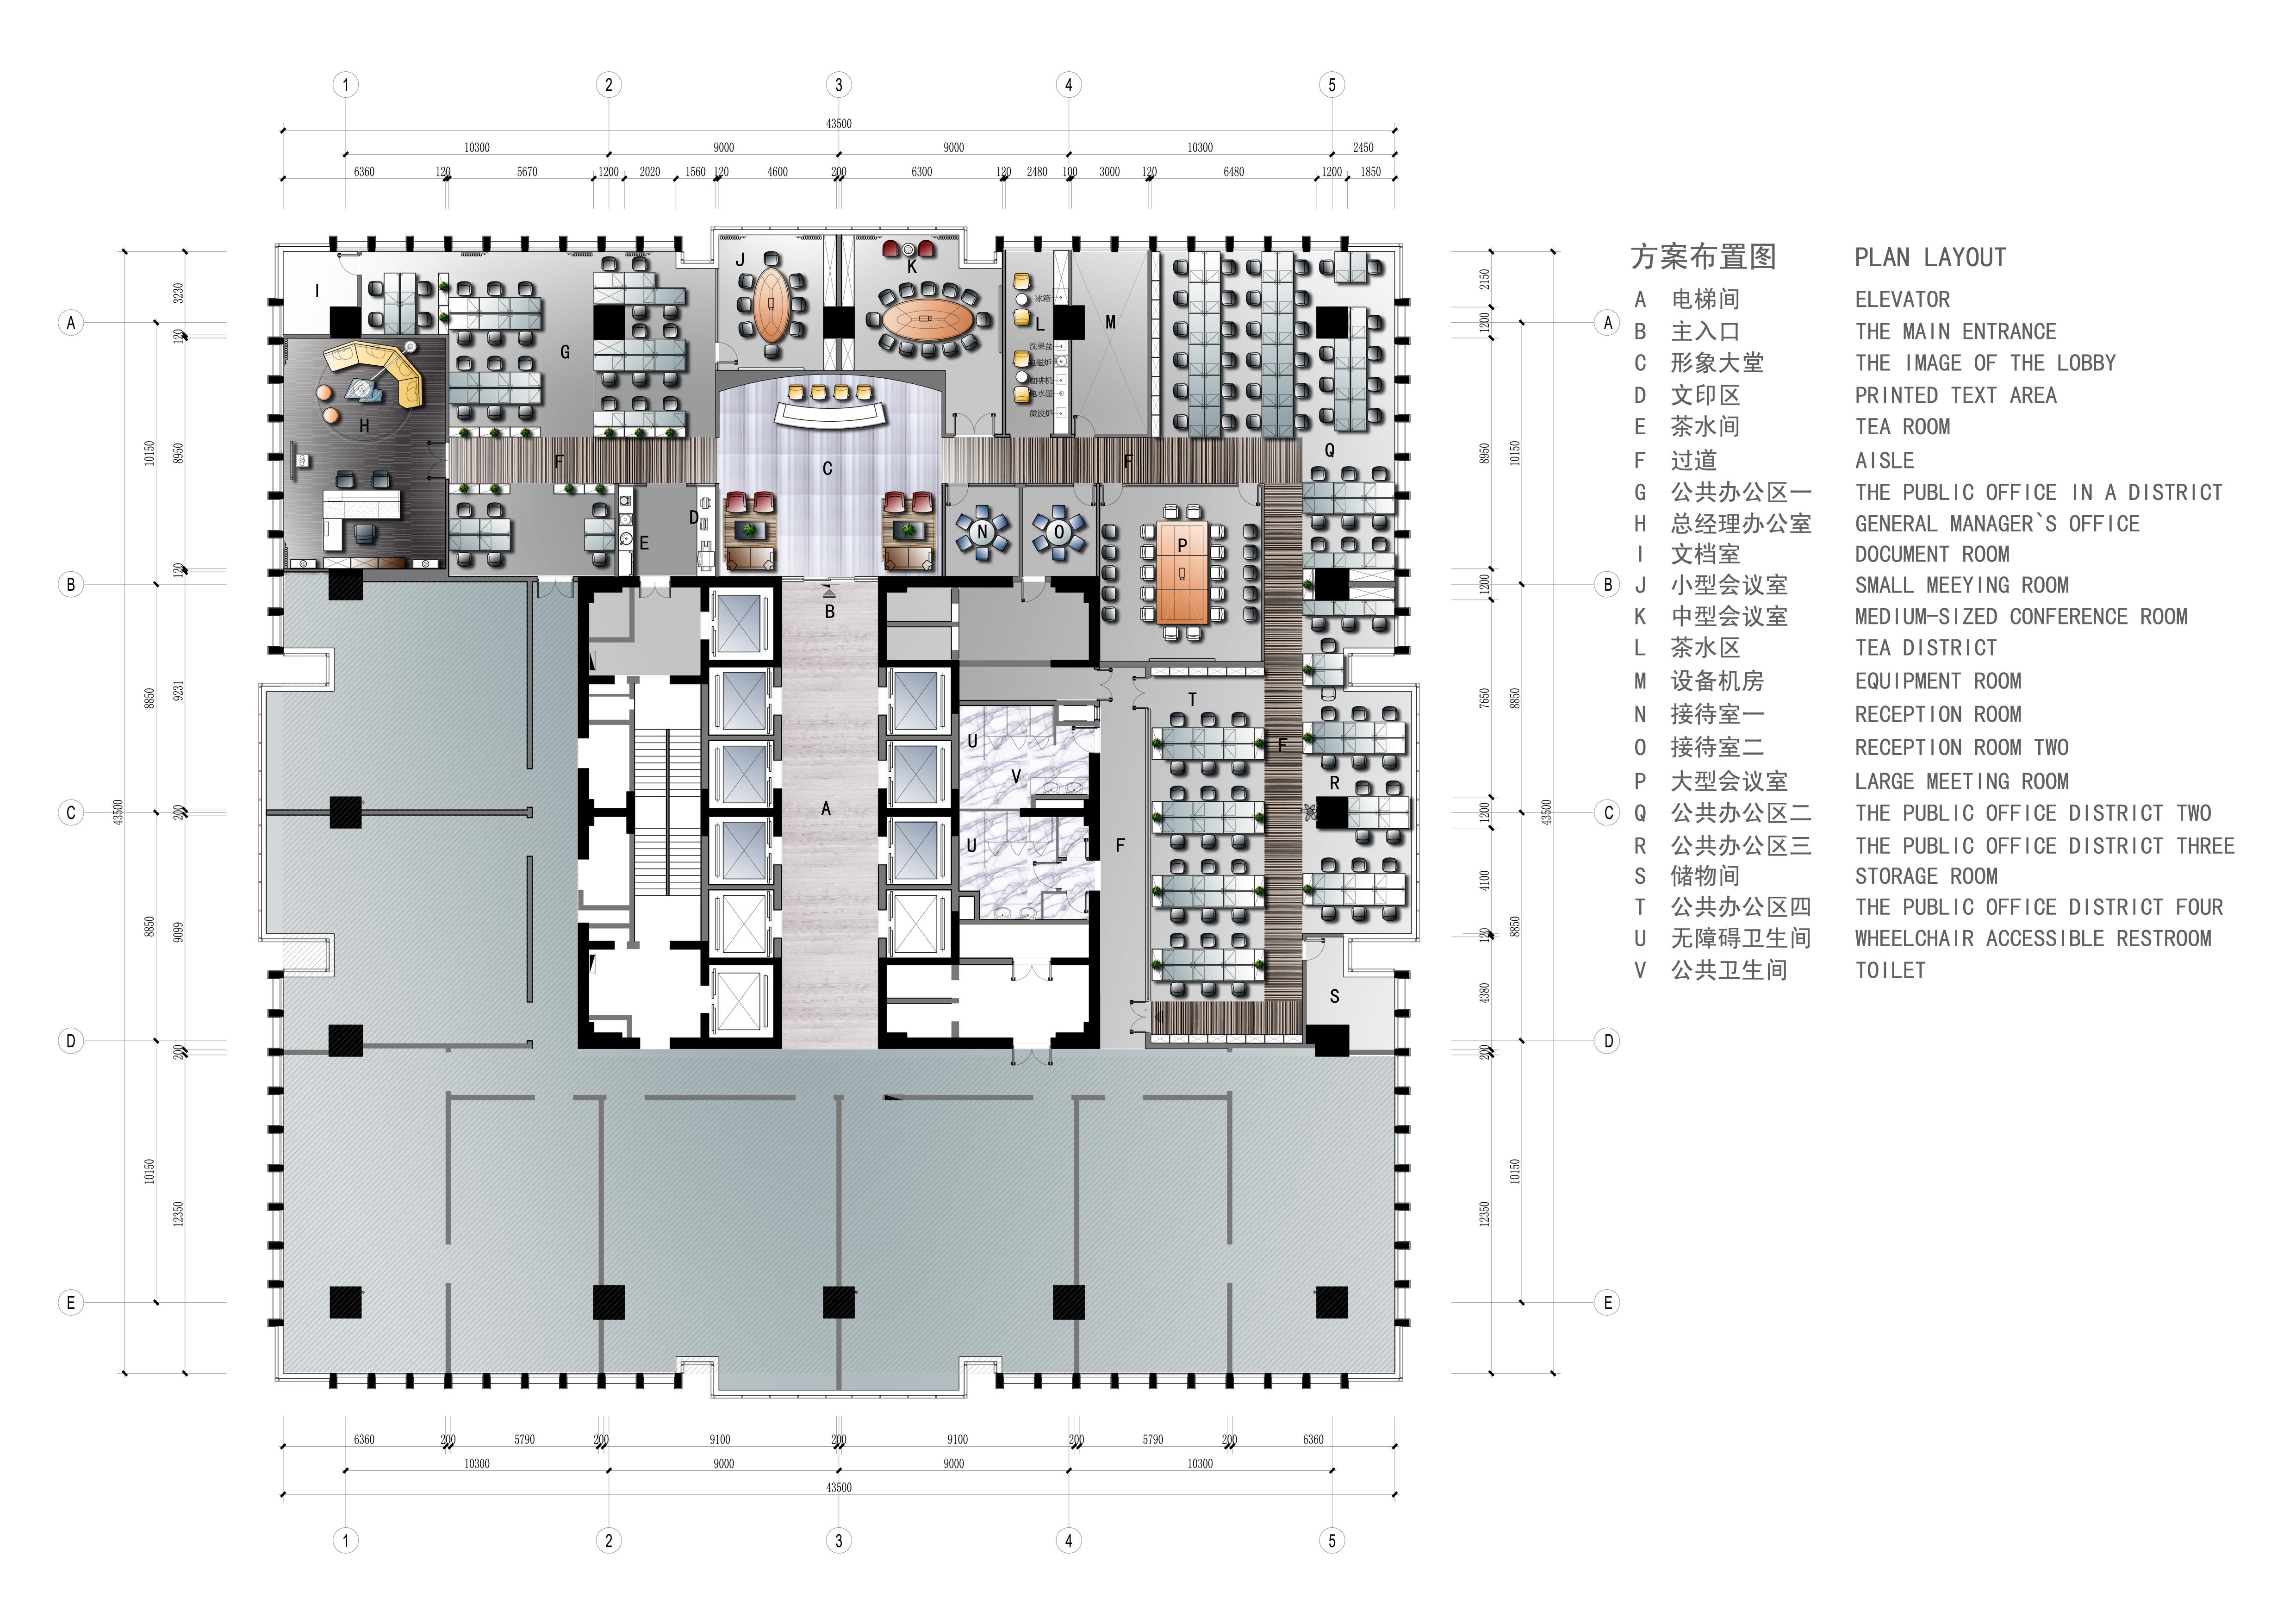 办公楼设计平面图-四层办公楼设计平面图-写字楼办公室平面图图-办公